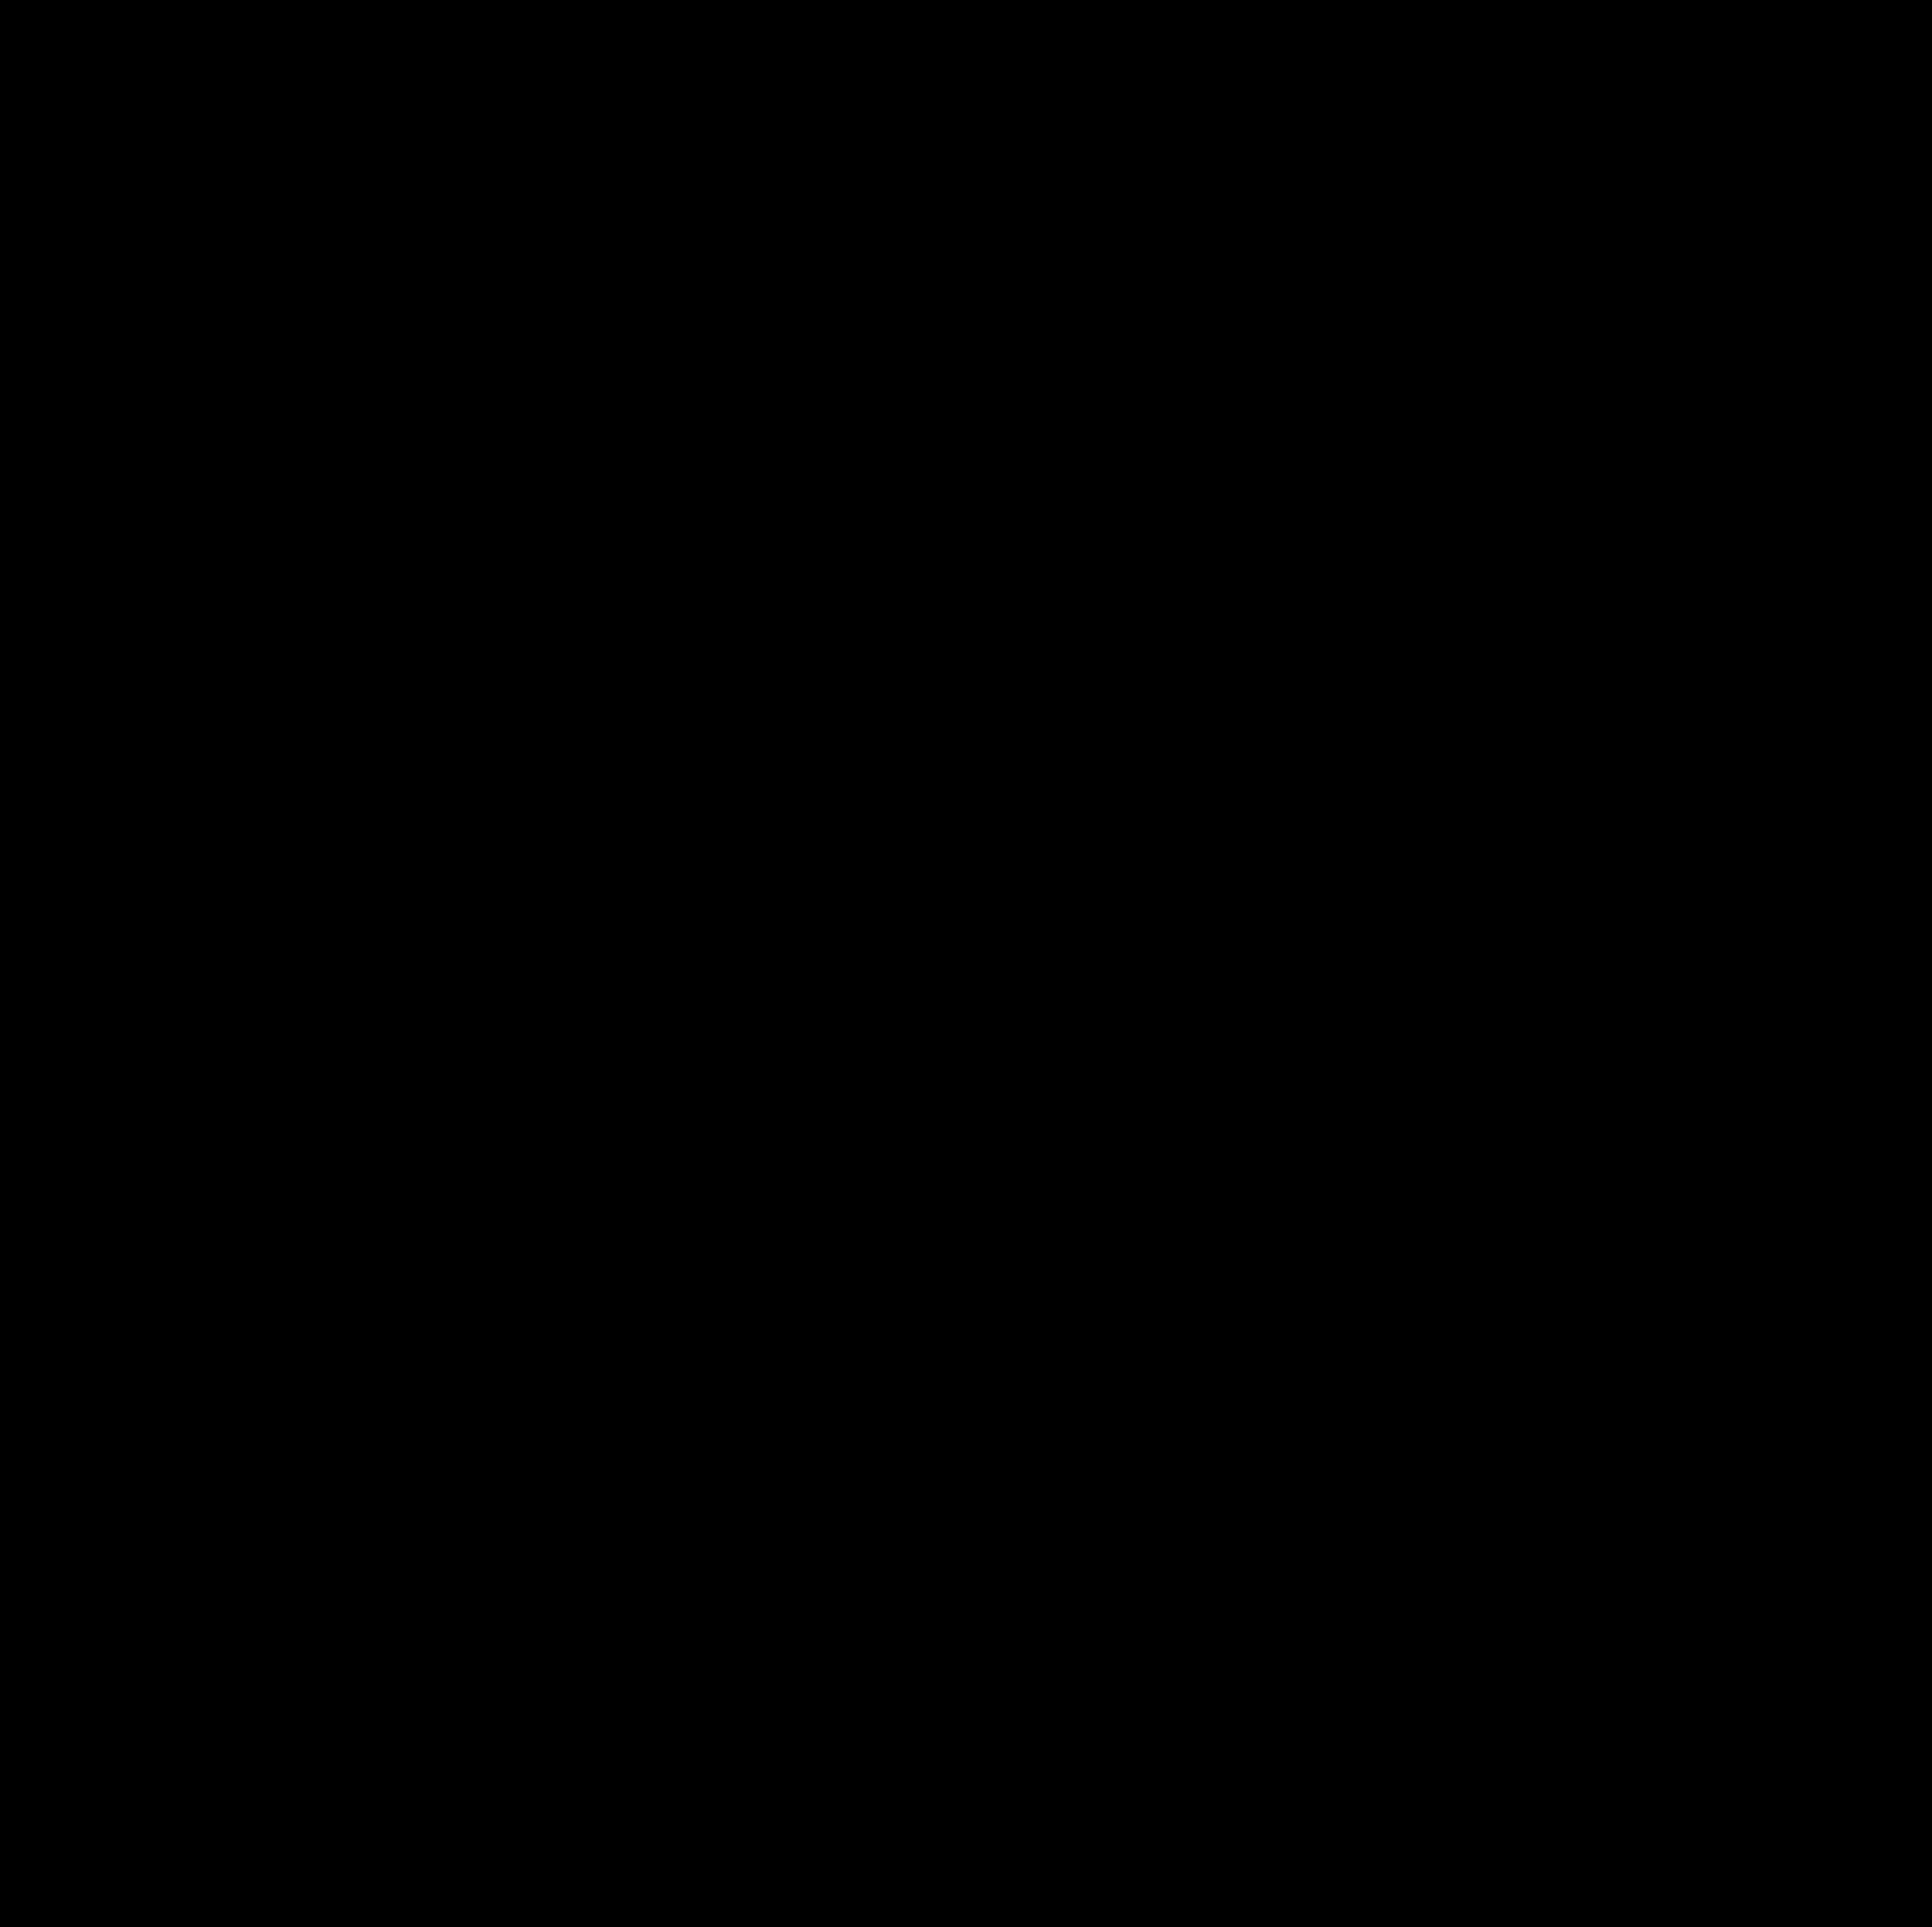 Sun Large PNG Clip Art Image.